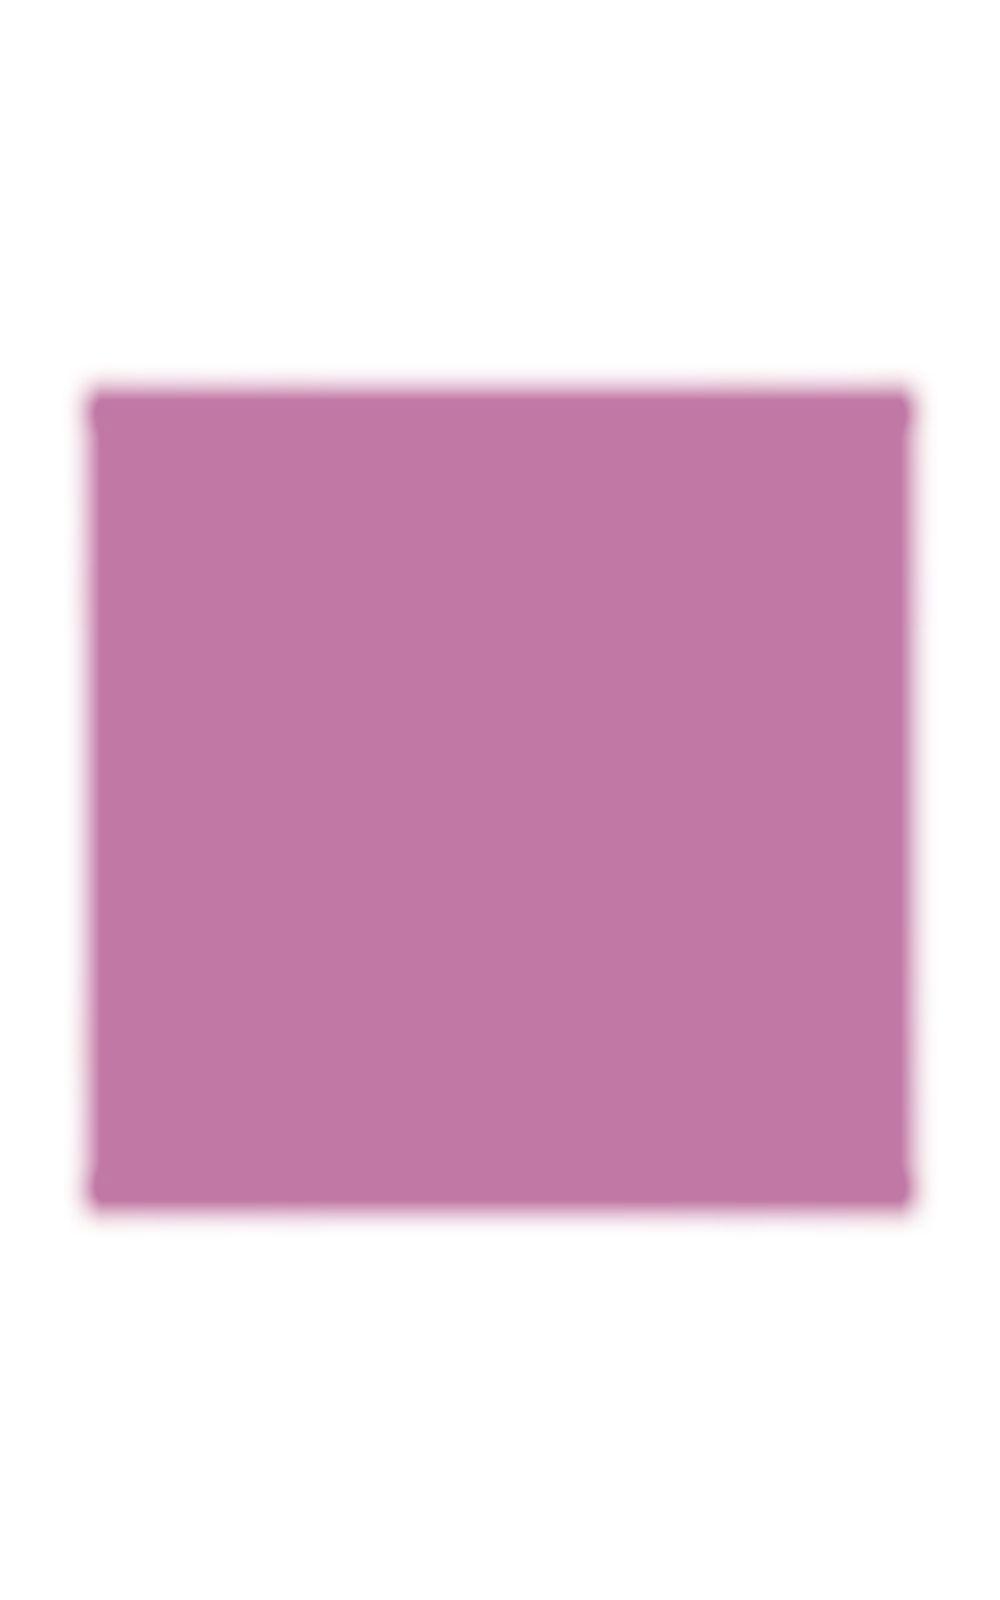 Foto 2 - Blush Compacto - Klasme - Pink